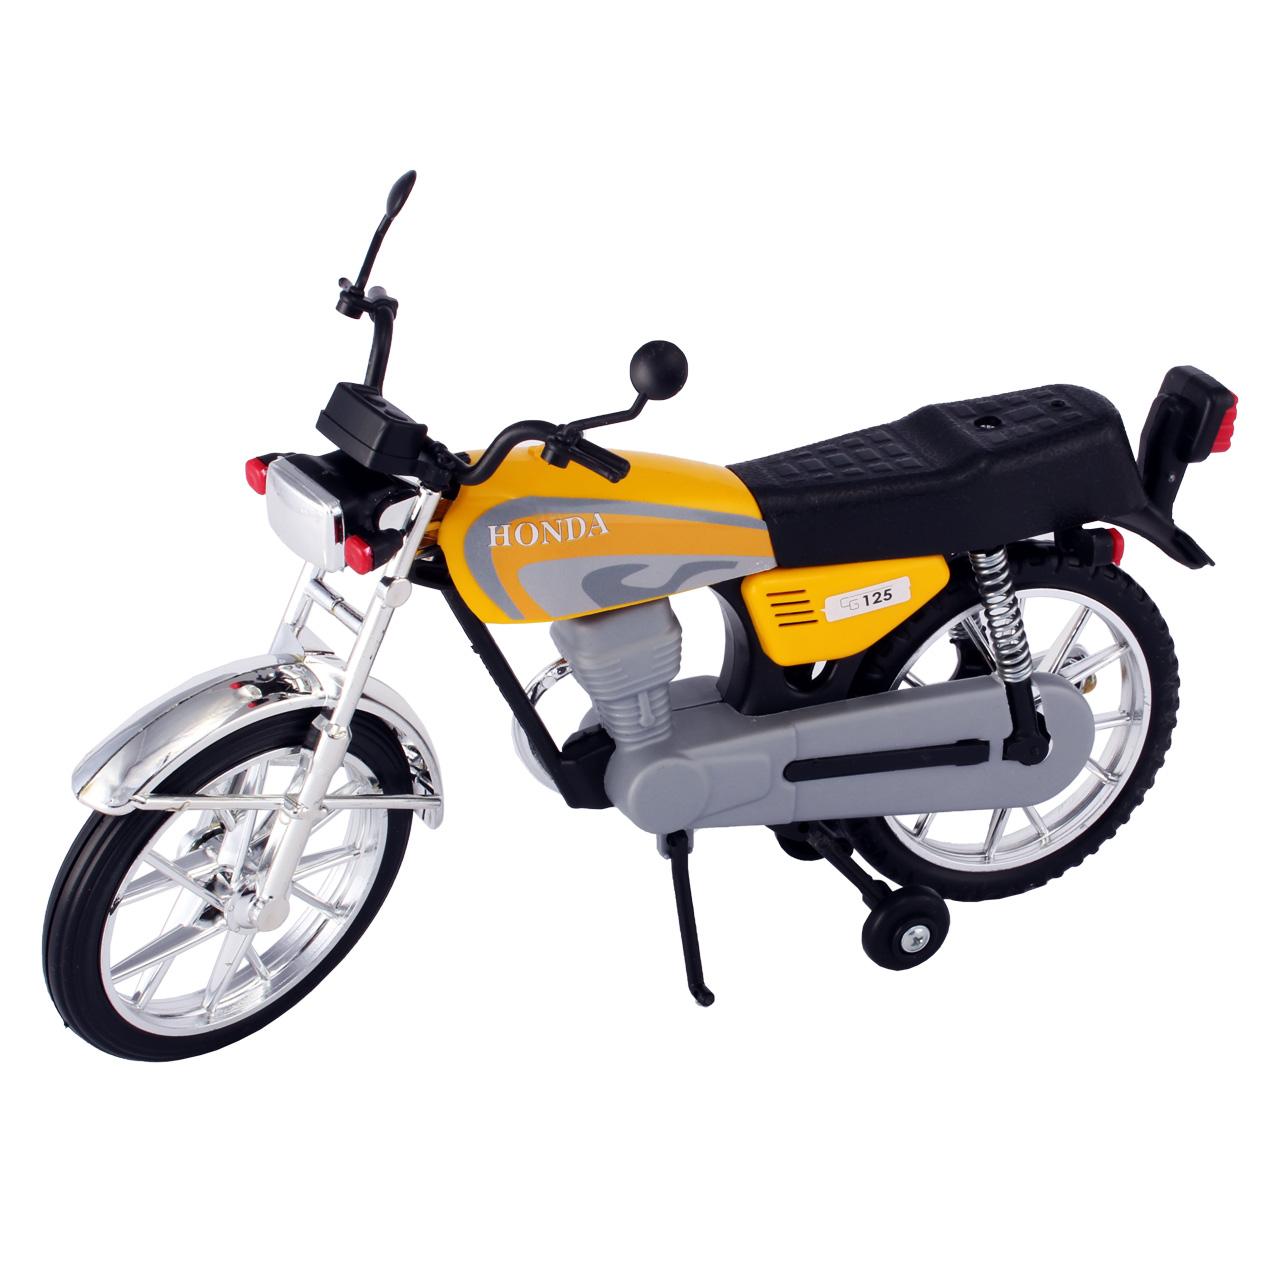 خرید                     موتور بازی مدل HONDA CG 125